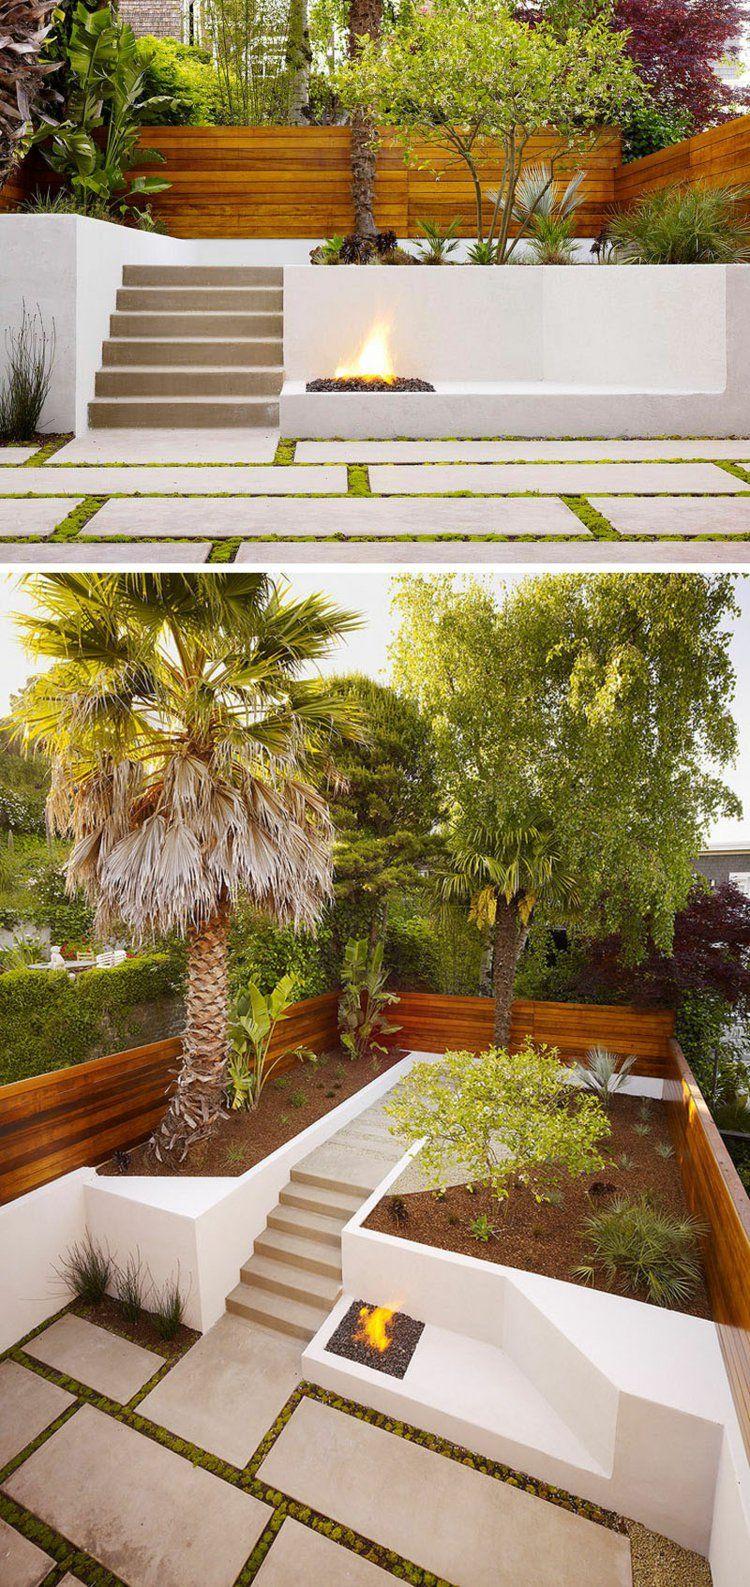 terrasse sur terrain en pente marches en pierre dallage sol assorti foyer extrieur et palmiers gants